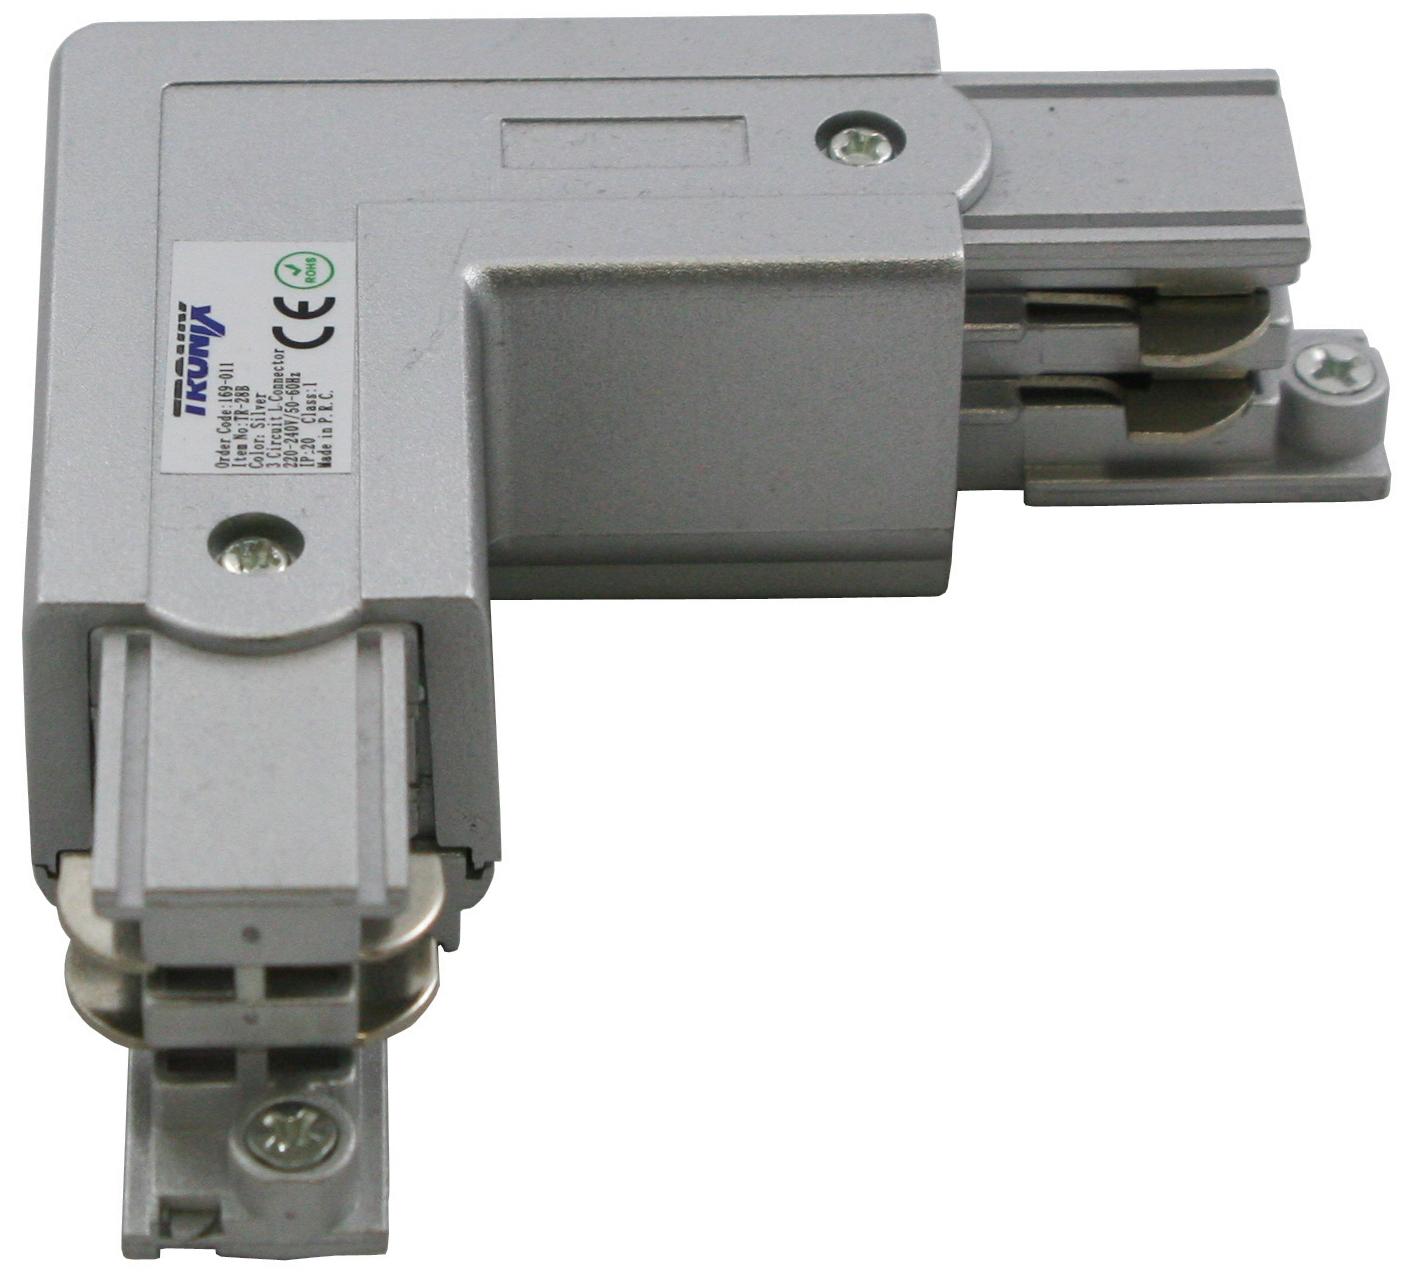 Haakse hoek verbinding voor een spanningsrail links aluminium 169-011